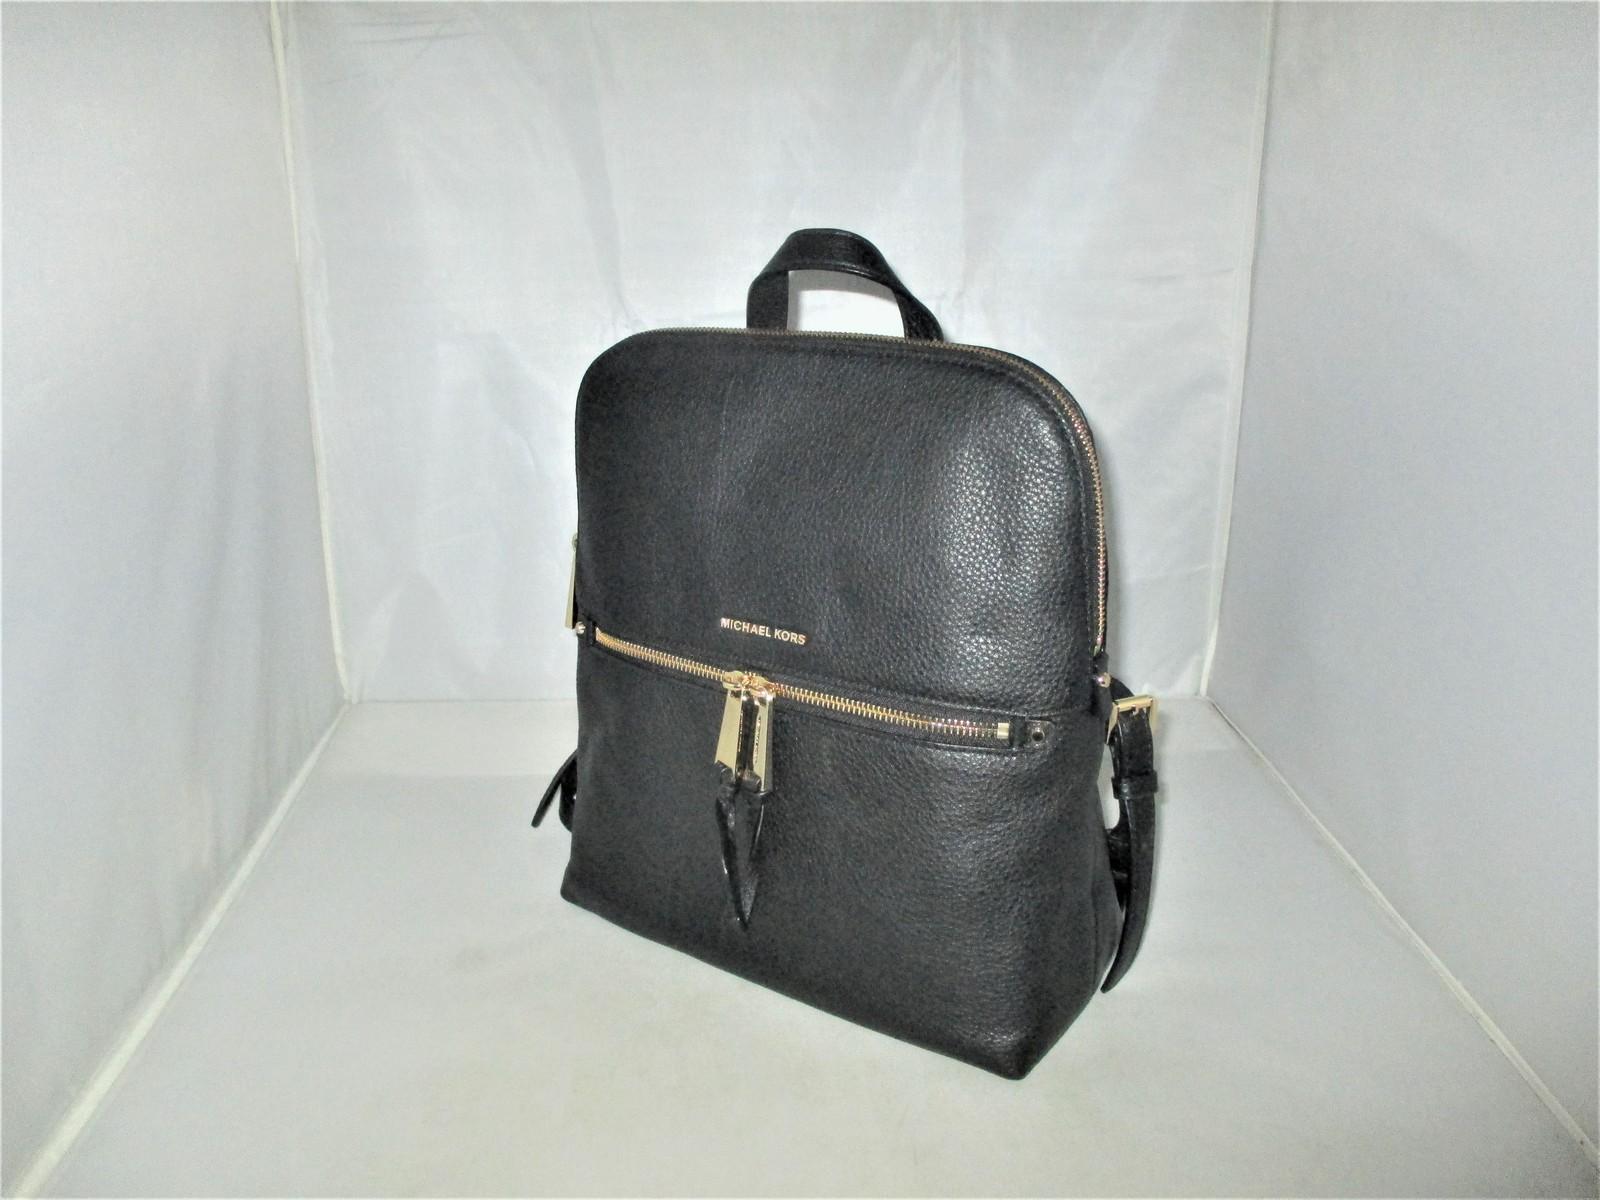 7204aa6870f6 Michael Kors Rhea Medium Slim Pebble Leather Backpack, Book Bag $258 Black